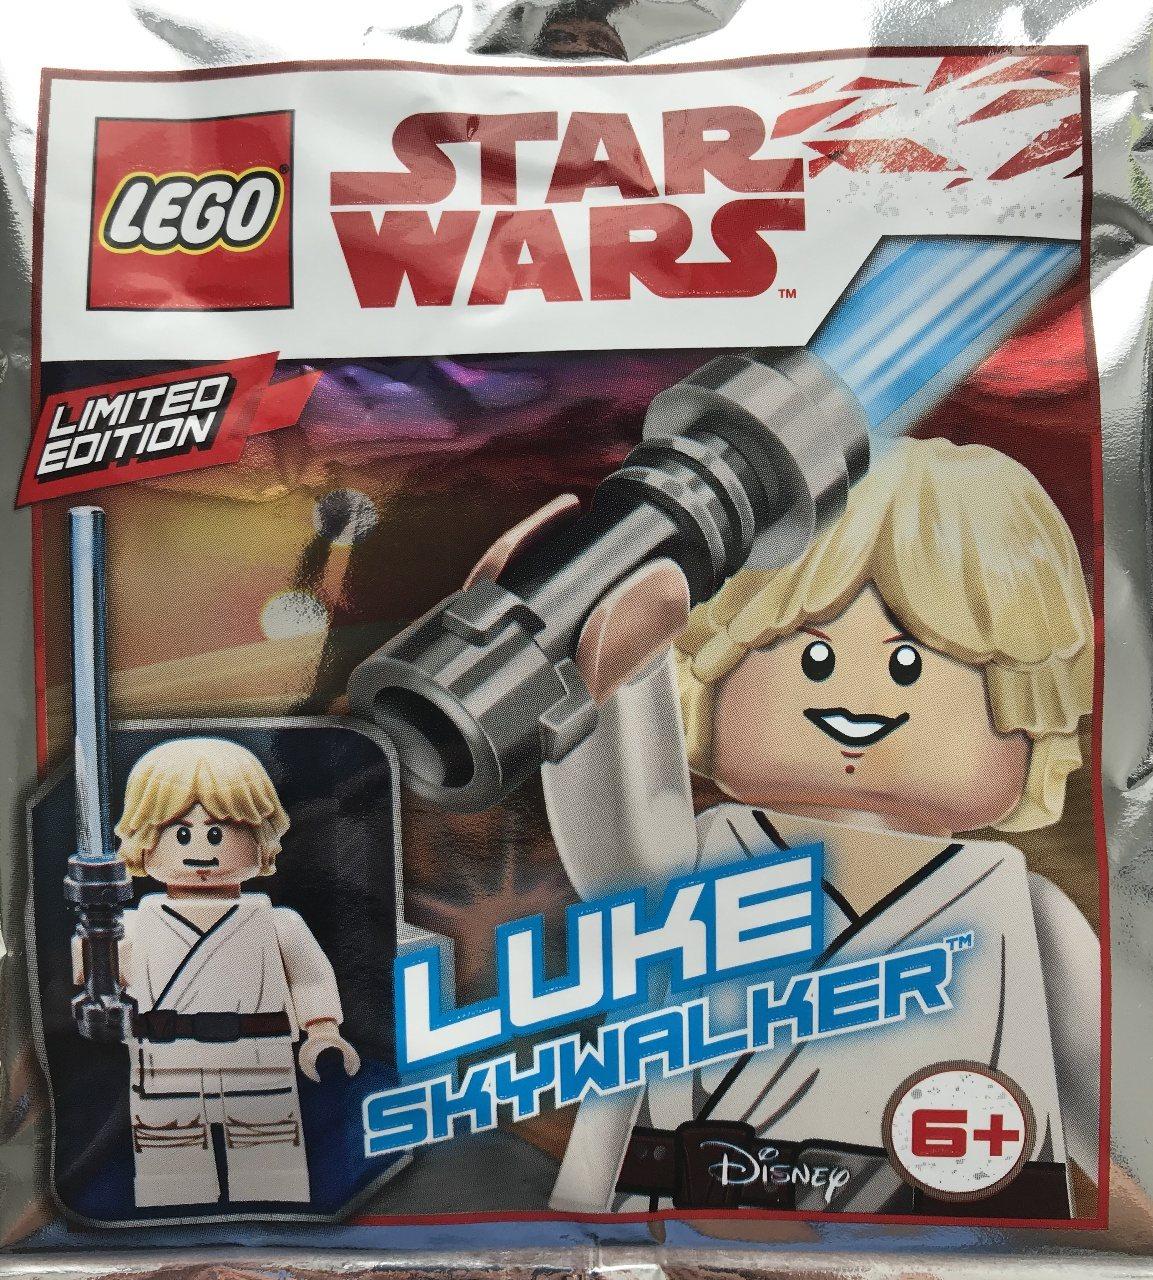 911943 Luke Skywalker